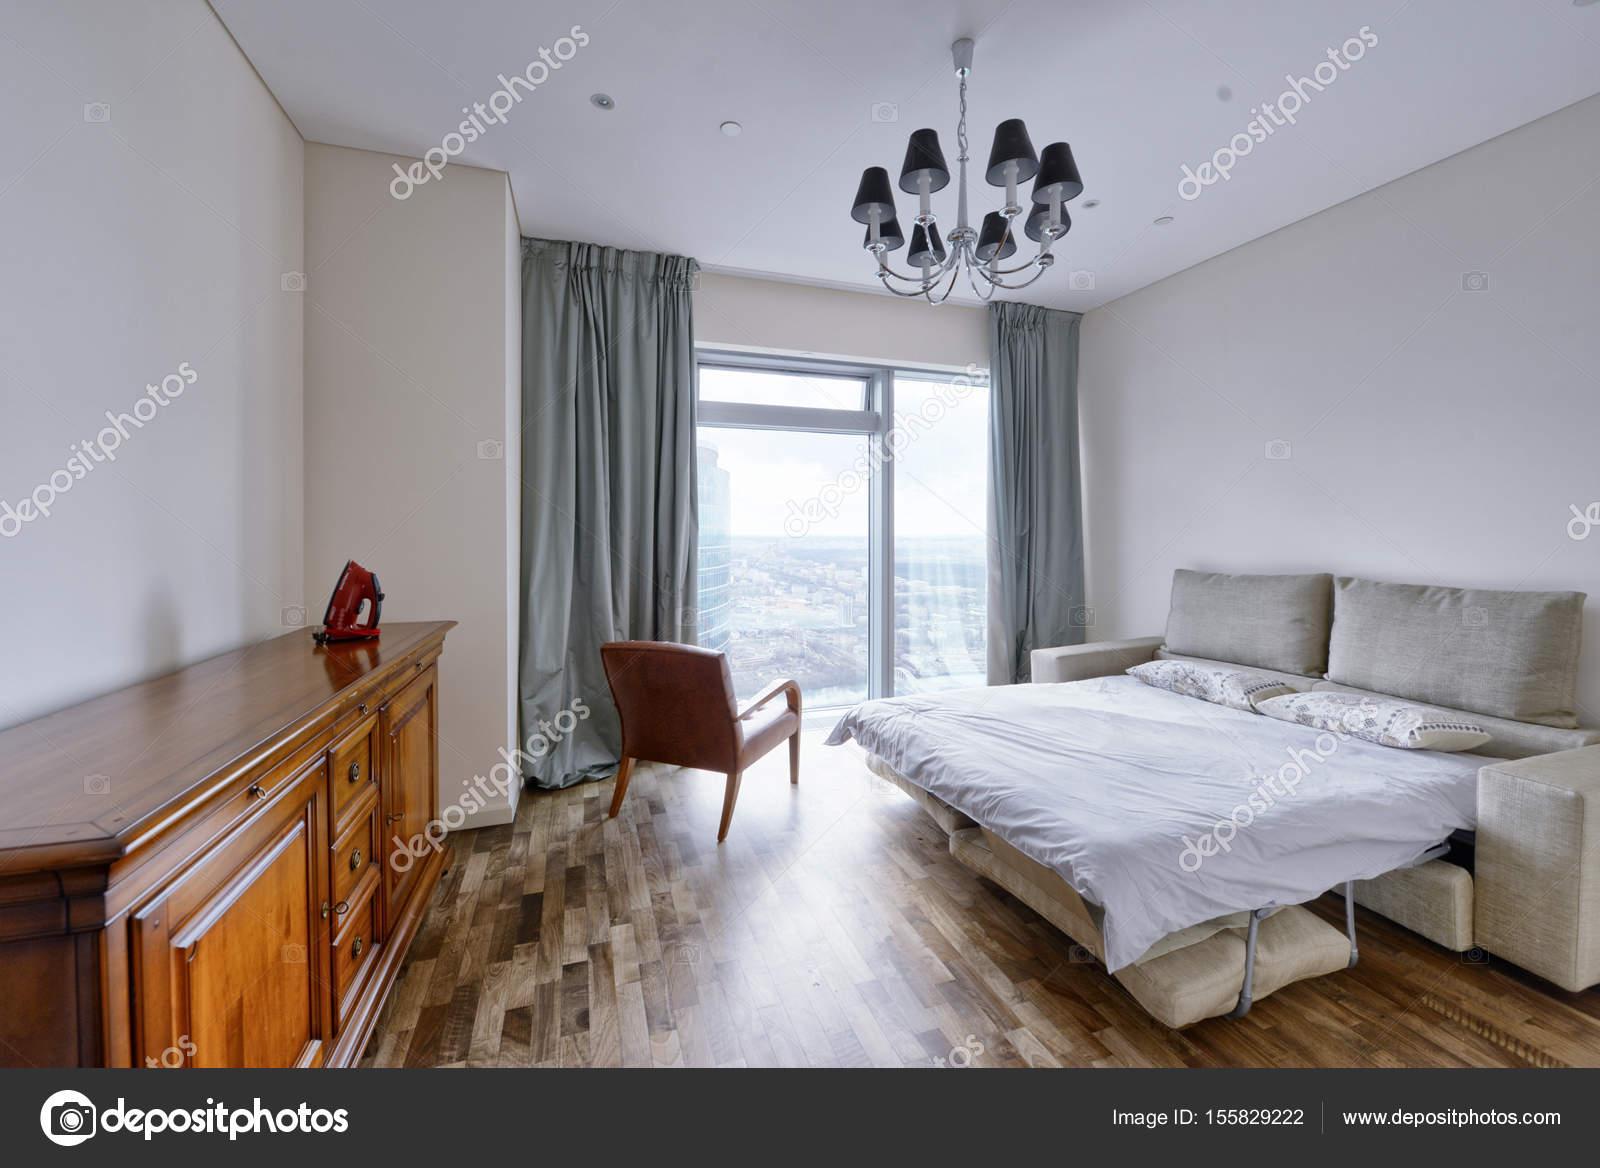 Raumgestaltung Schlafzimmer — Stockfoto © ovchinnikovfoto #155829222